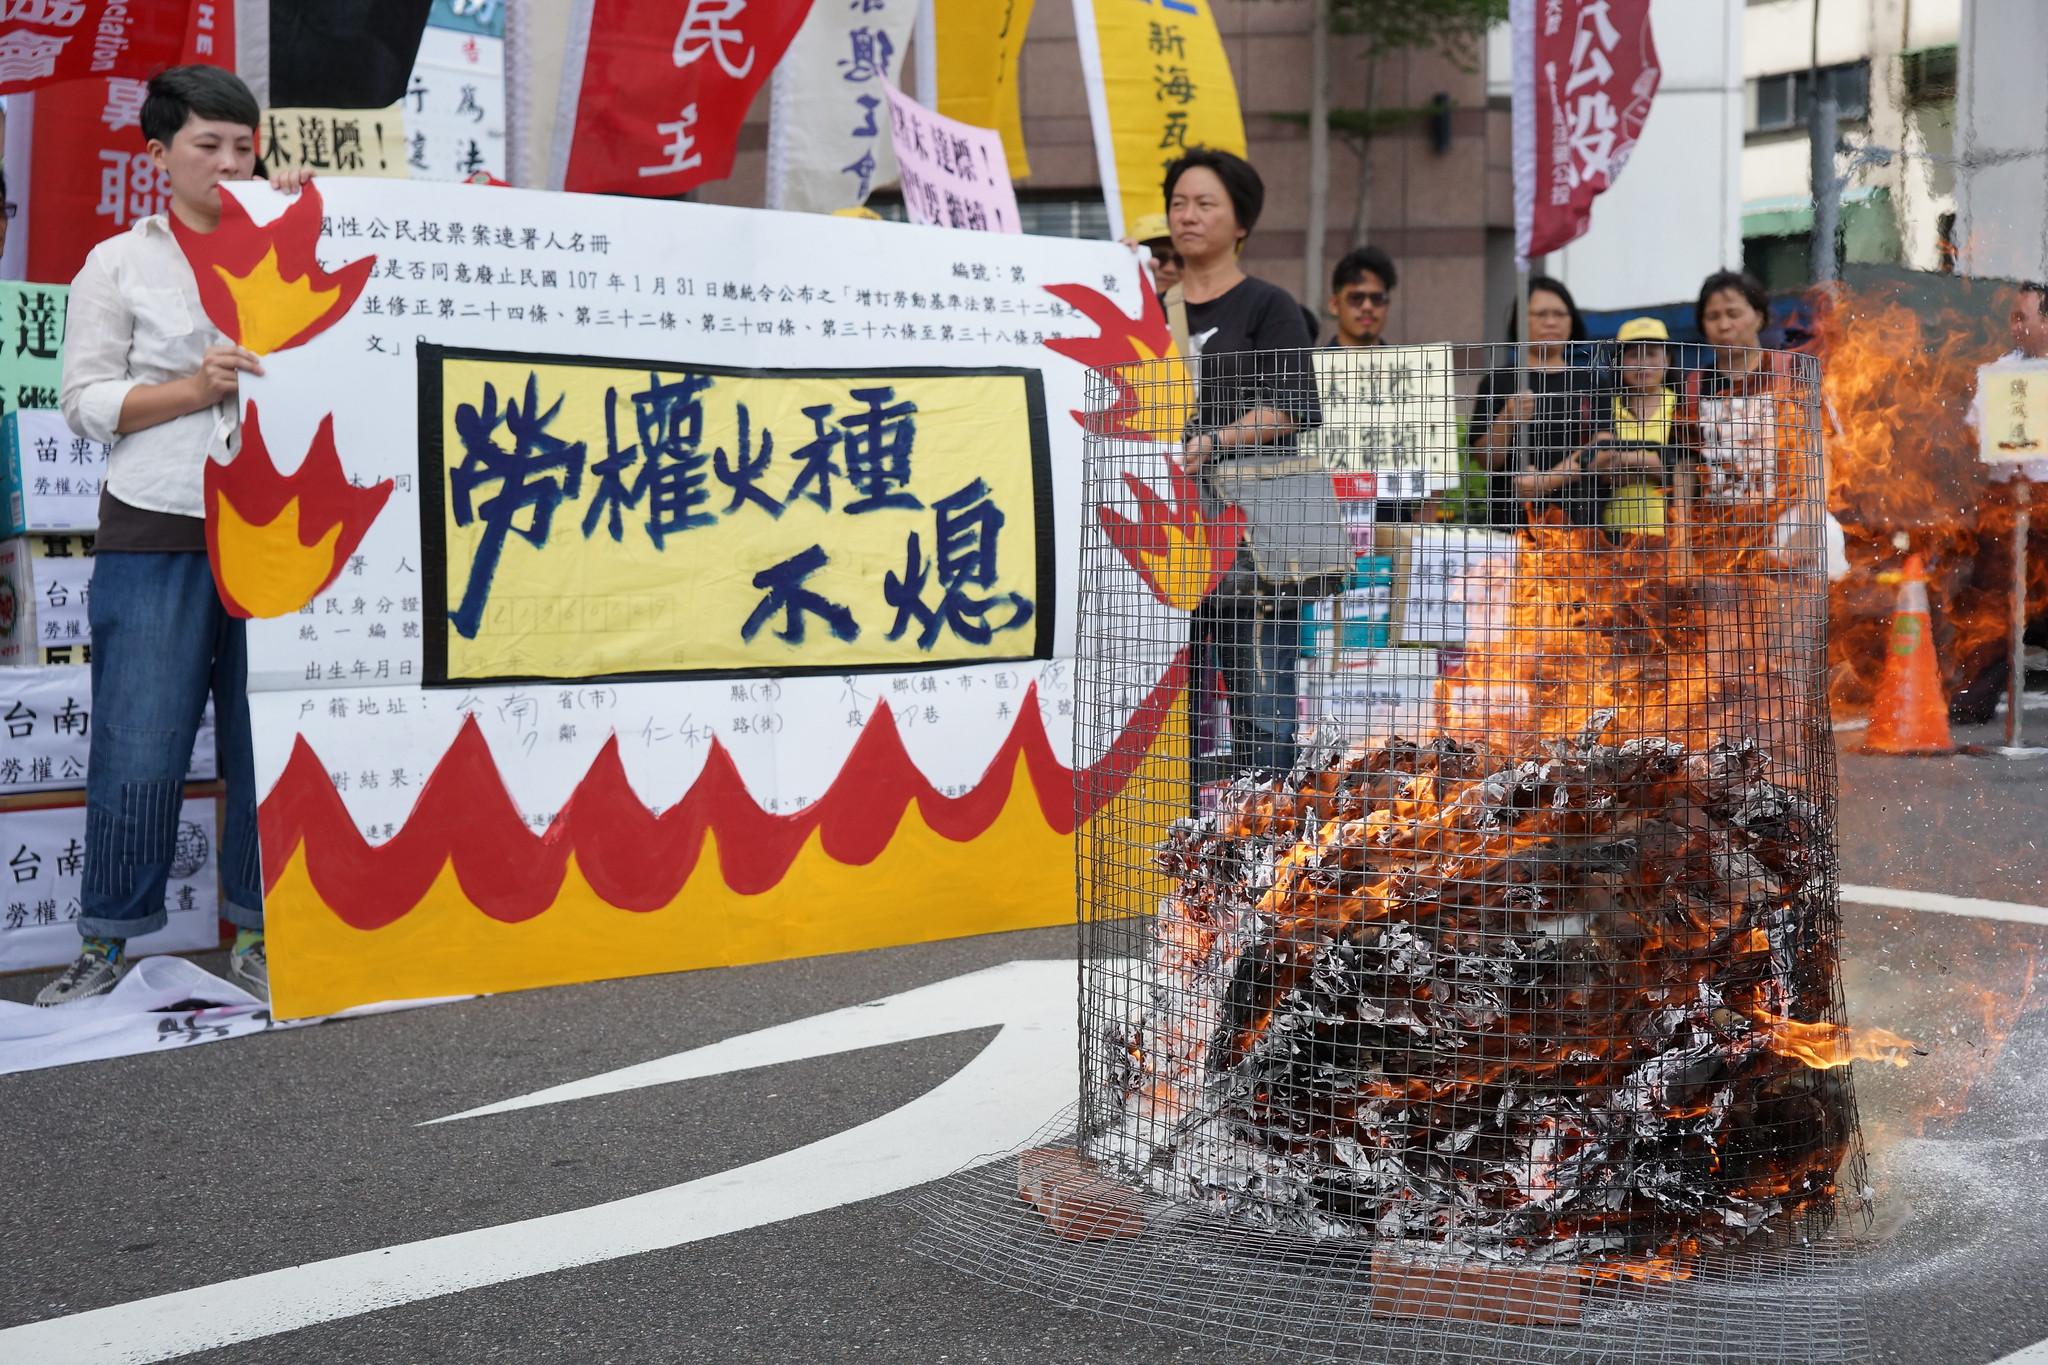 劳公盟在现场焚烧部分公投连署书,并表示后续也会废弃全数连署书,保护连署人个资。(摄影:王颢中)